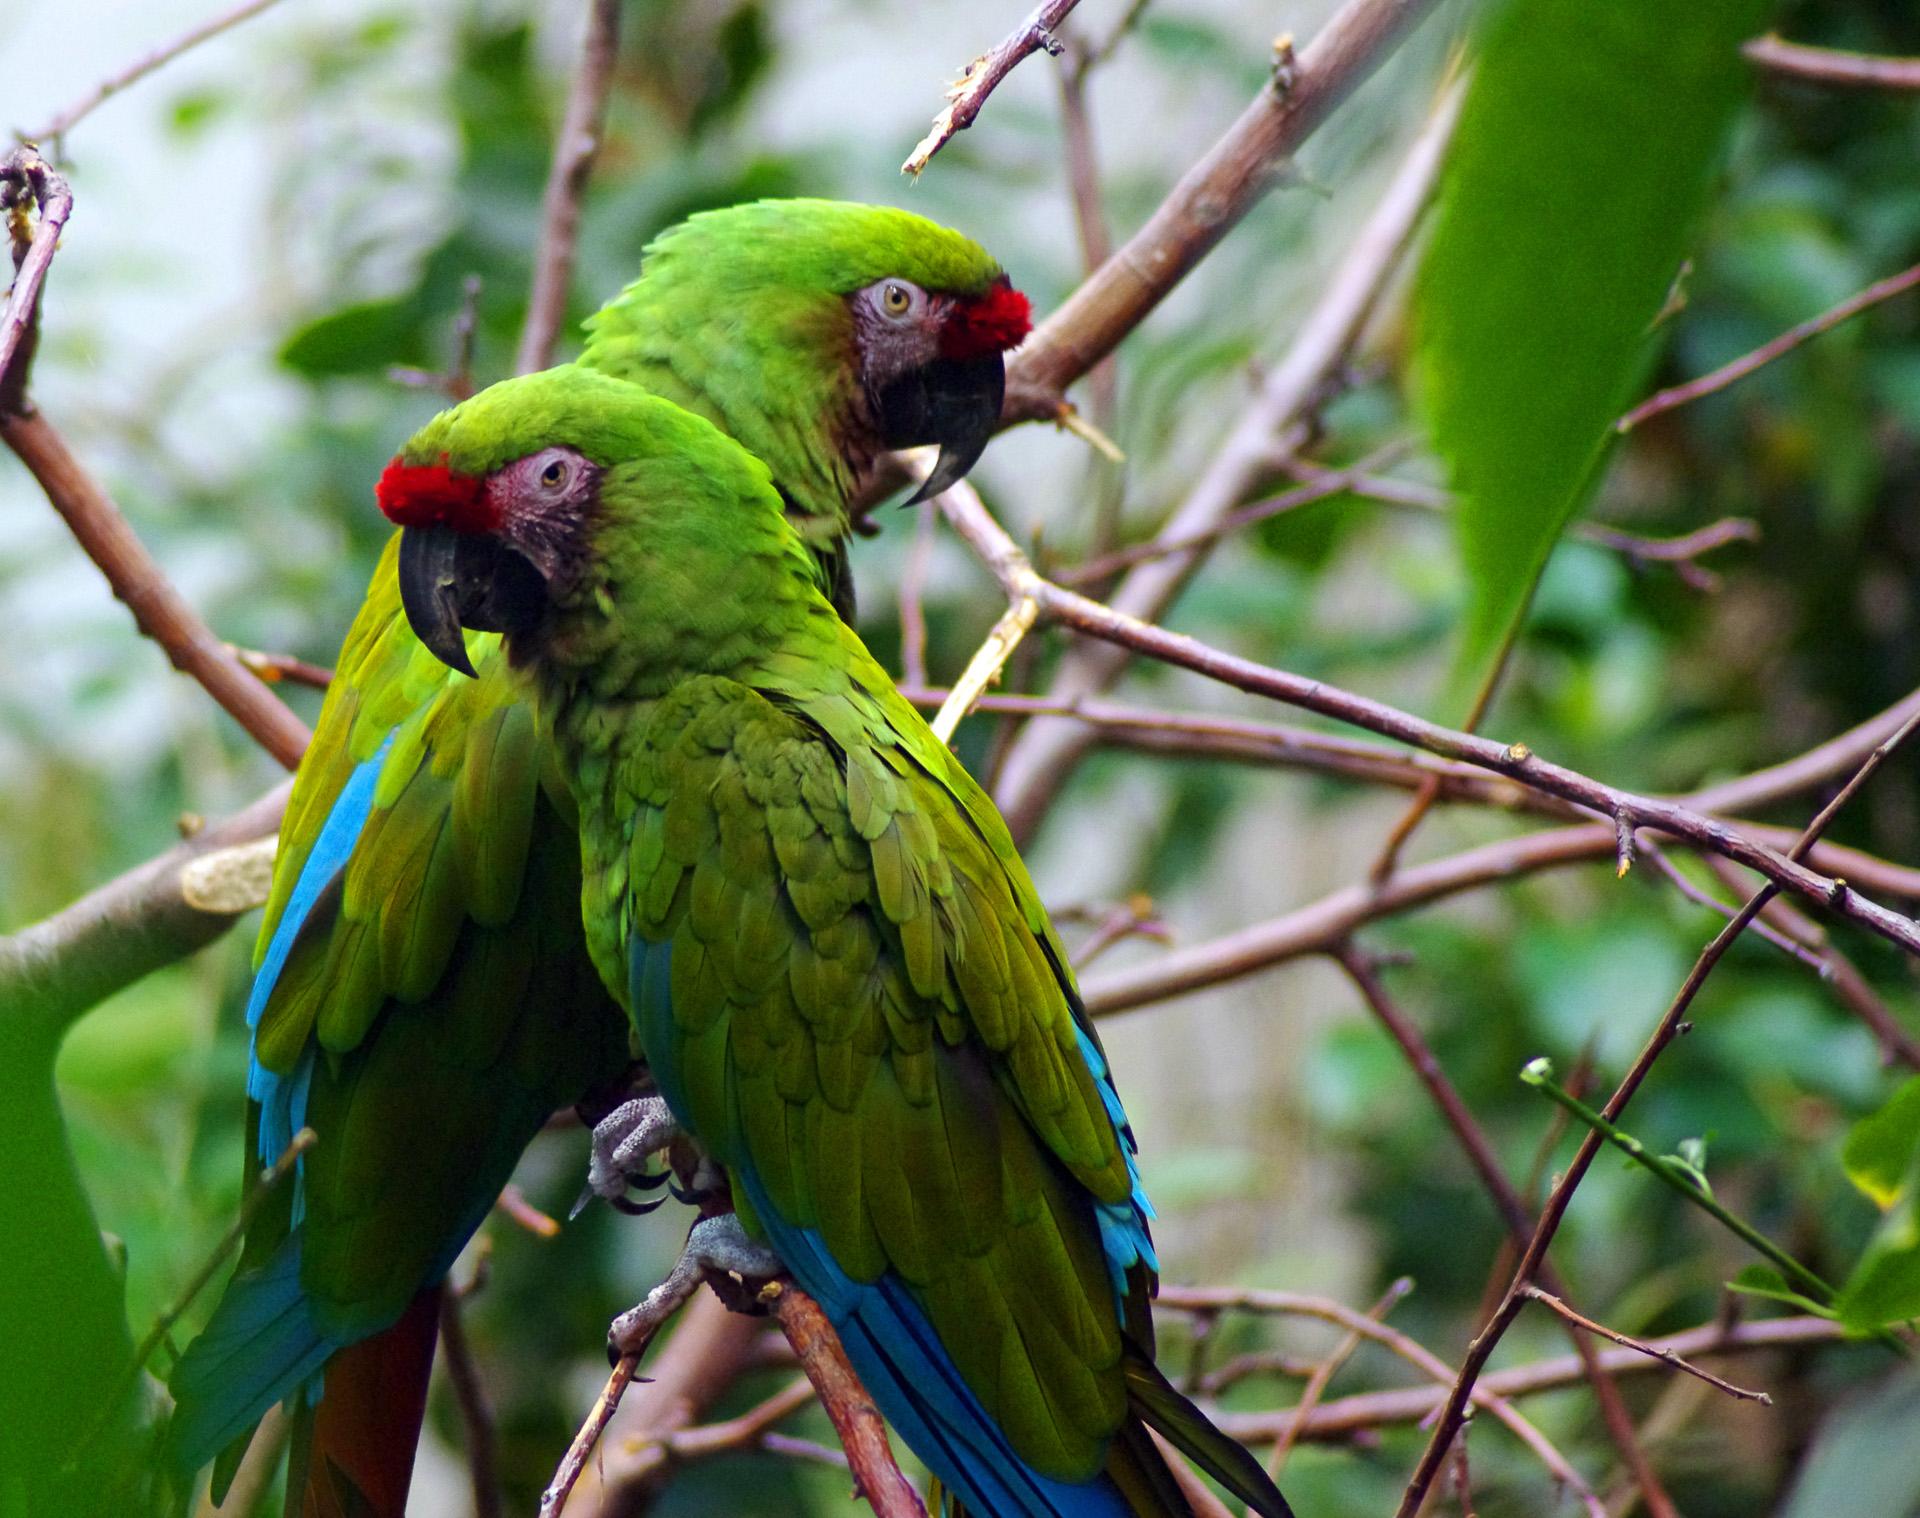 Dimanche 5 février: Un couple de perroquets au Biodôme de Montreal